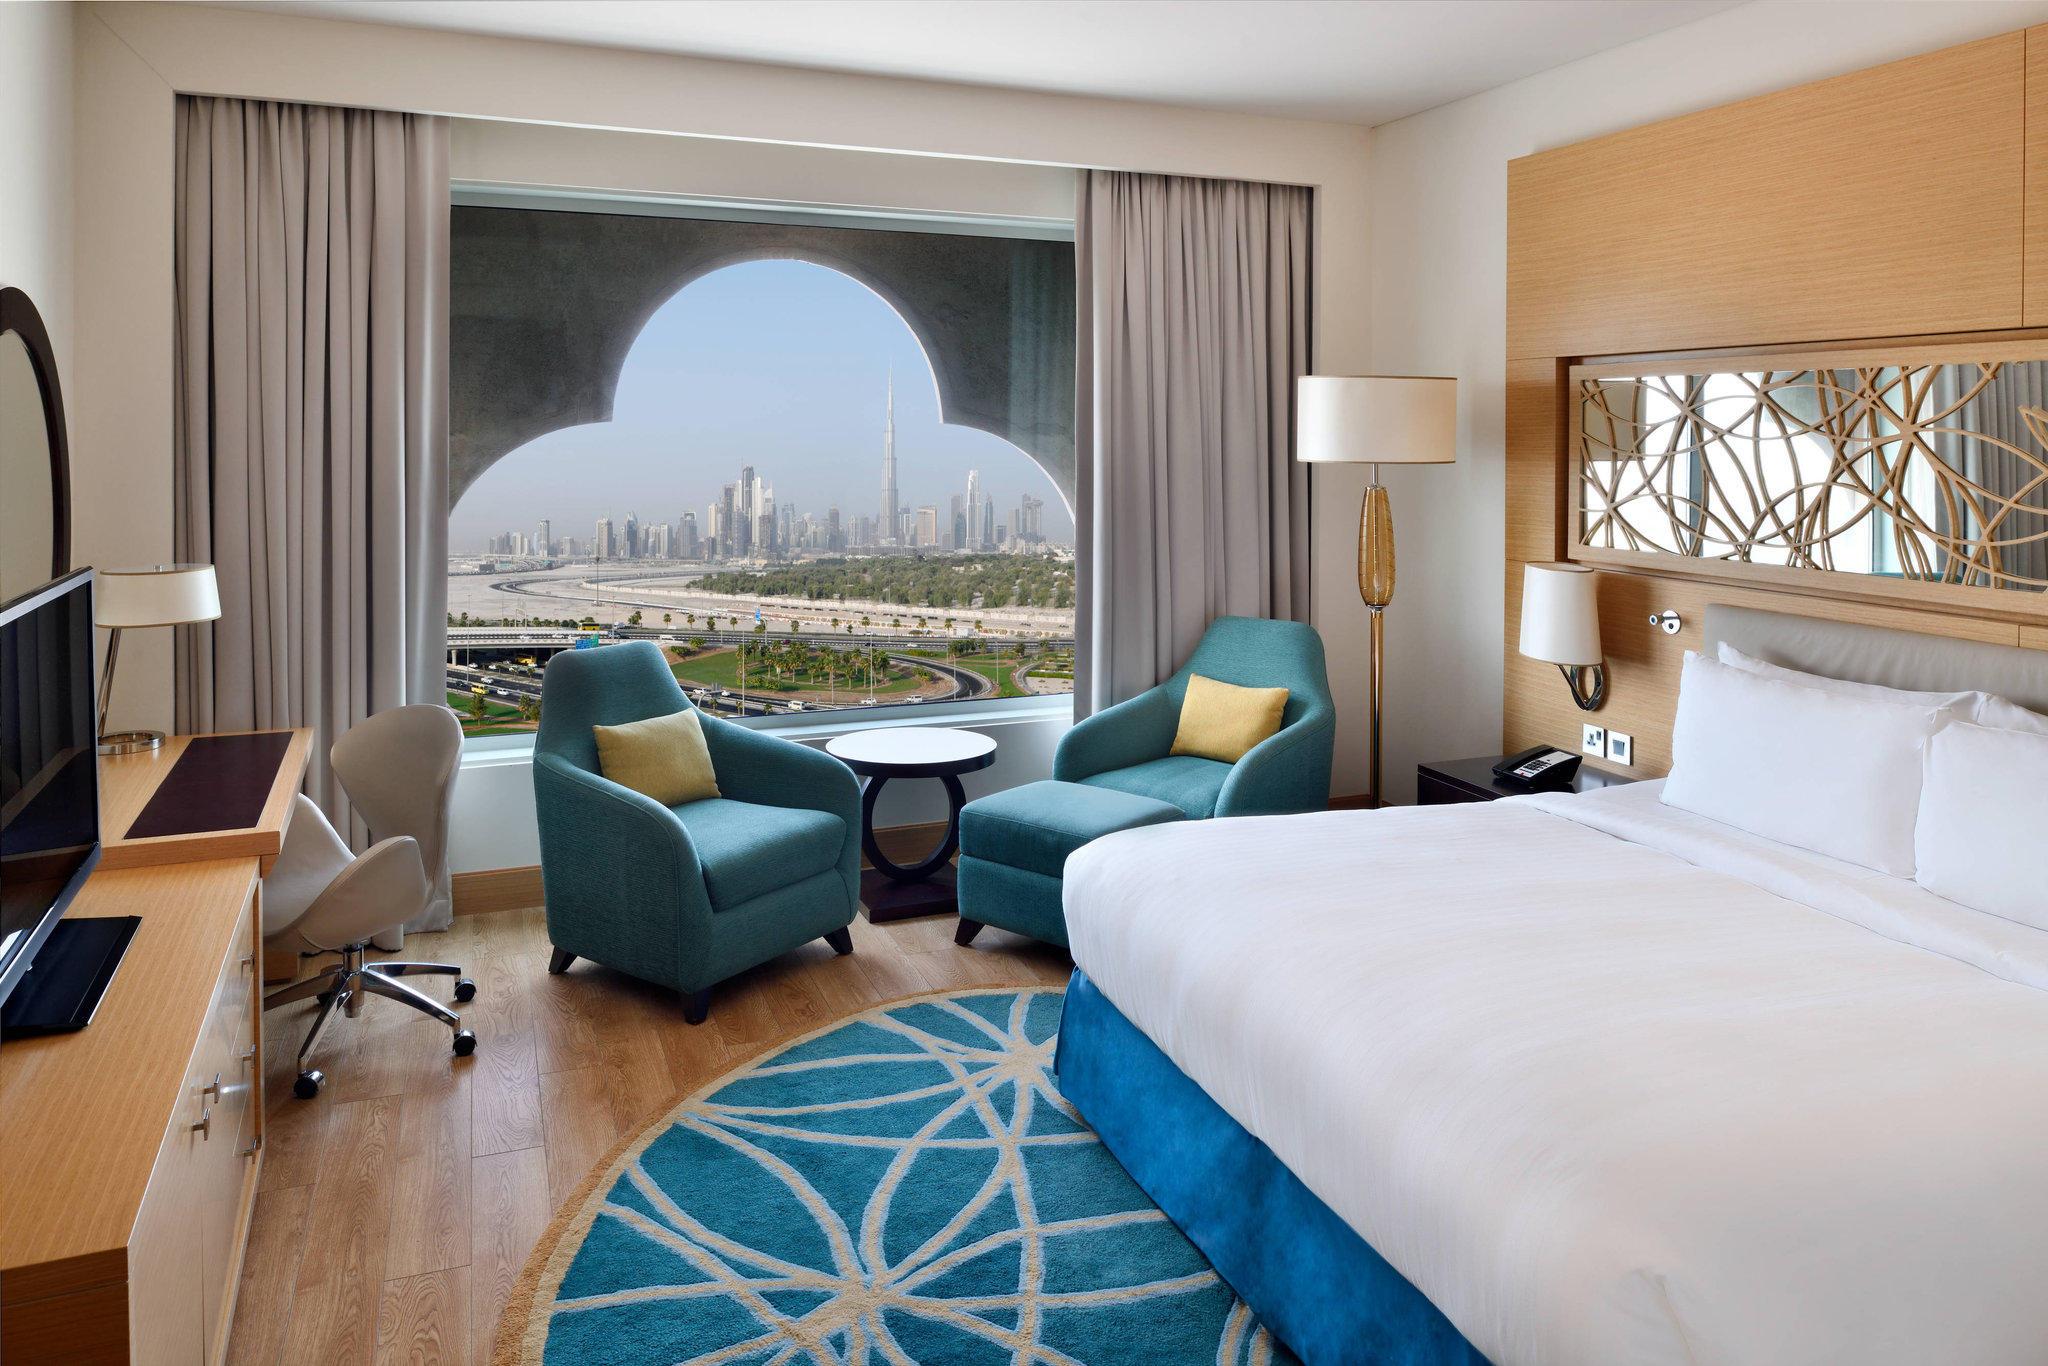 Отель марриотт дубай аль джадаф элитная недвижимость европы